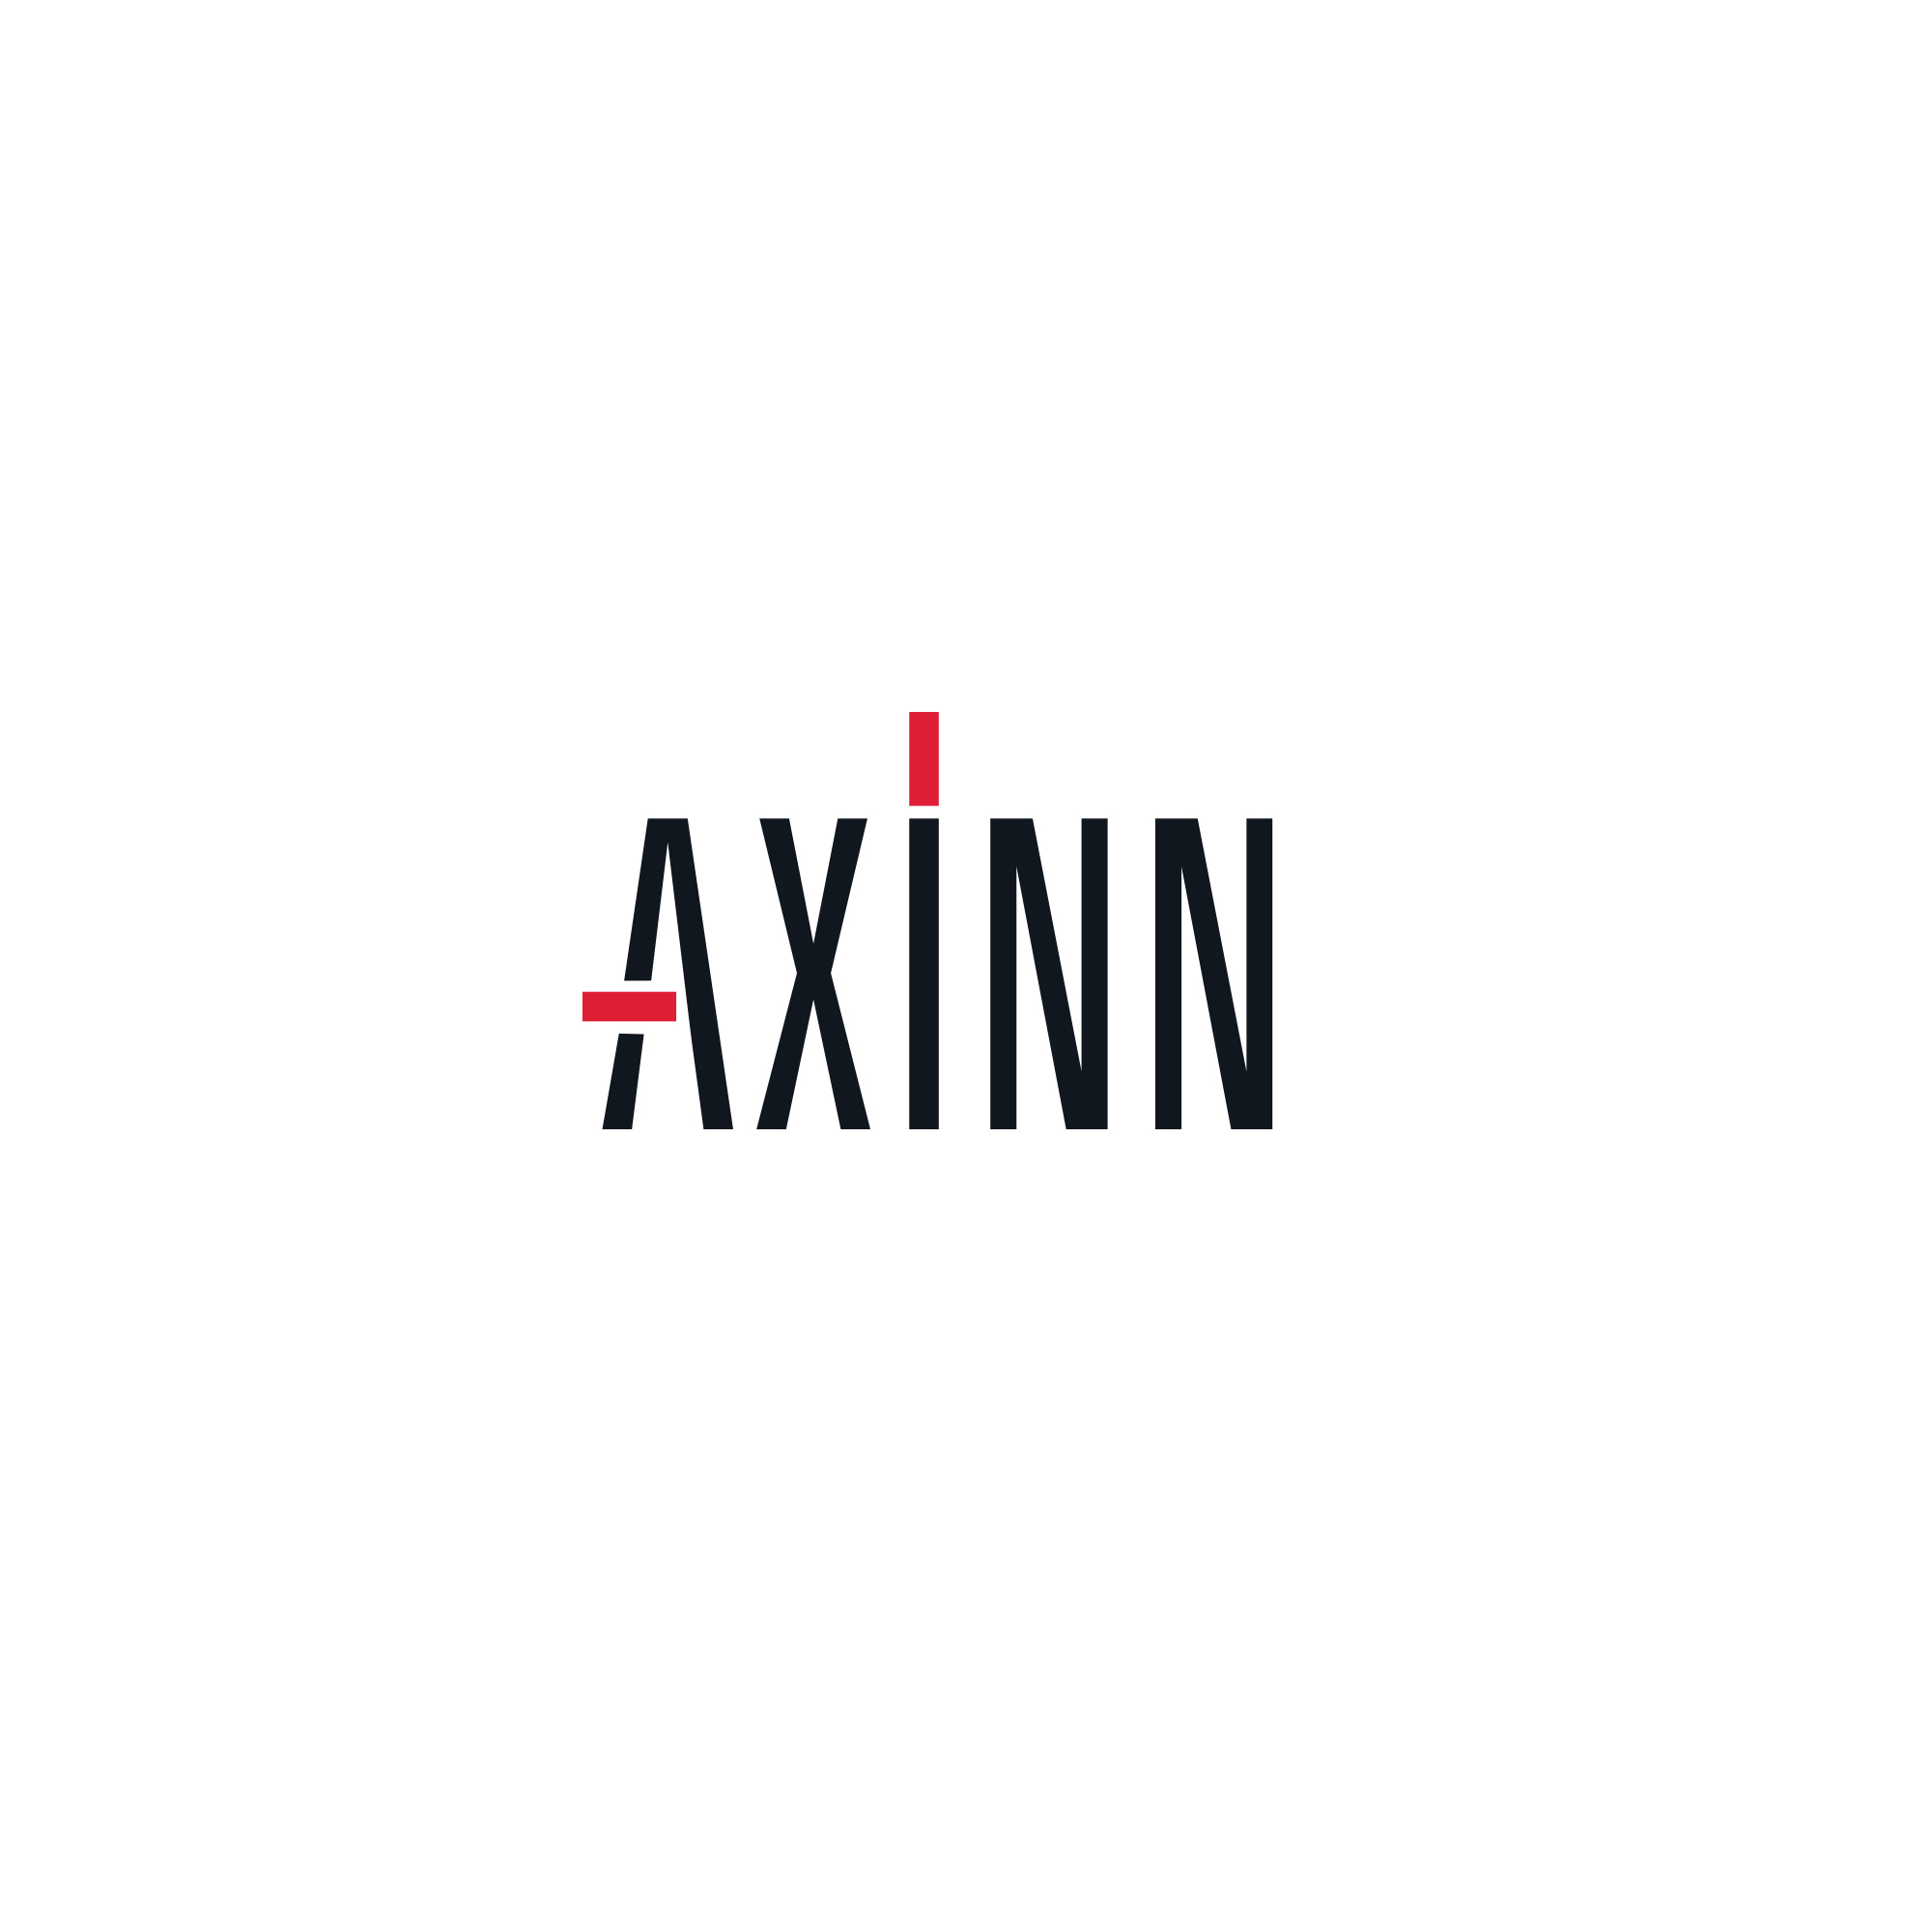 The full Axinn system